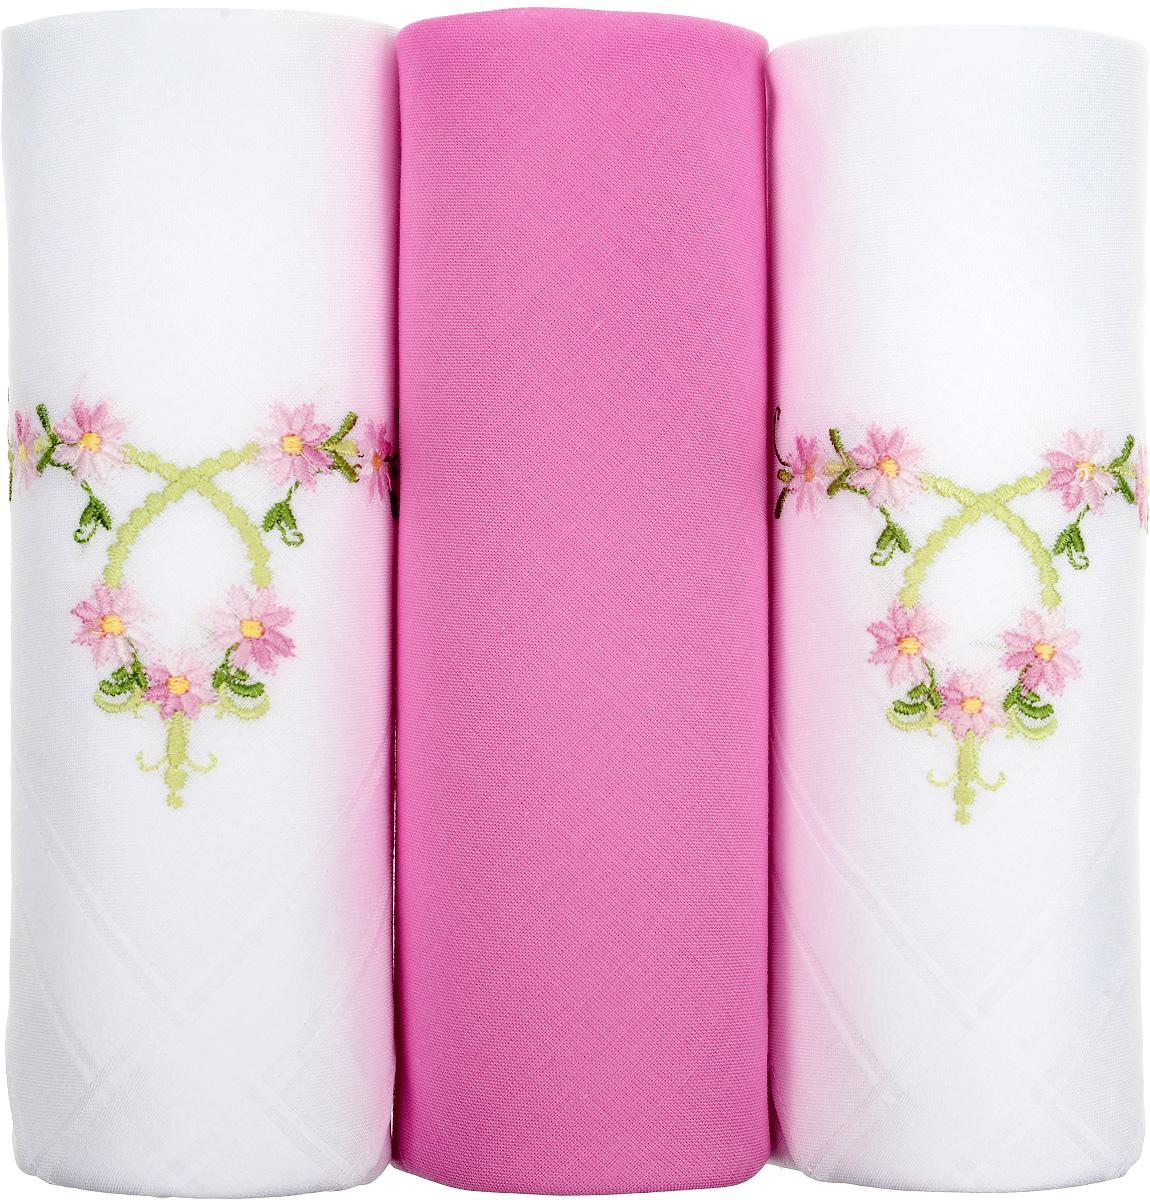 Платок носовой женский Zlata Korunka, цвет: белый, розовый, 3 шт. 25605-6. Размер 30 см х 30 смСерьги с подвескамиНебольшой женский носовой платок Zlata Korunka изготовлен из высококачественного натурального хлопка, благодаря чему приятен в использовании, хорошо стирается, не садится и отлично впитывает влагу. Практичный и изящный носовой платок будет незаменим в повседневной жизни любого современного человека. Такой платок послужит стильным аксессуаром и подчеркнет ваше превосходное чувство вкуса.В комплекте 3 платка.